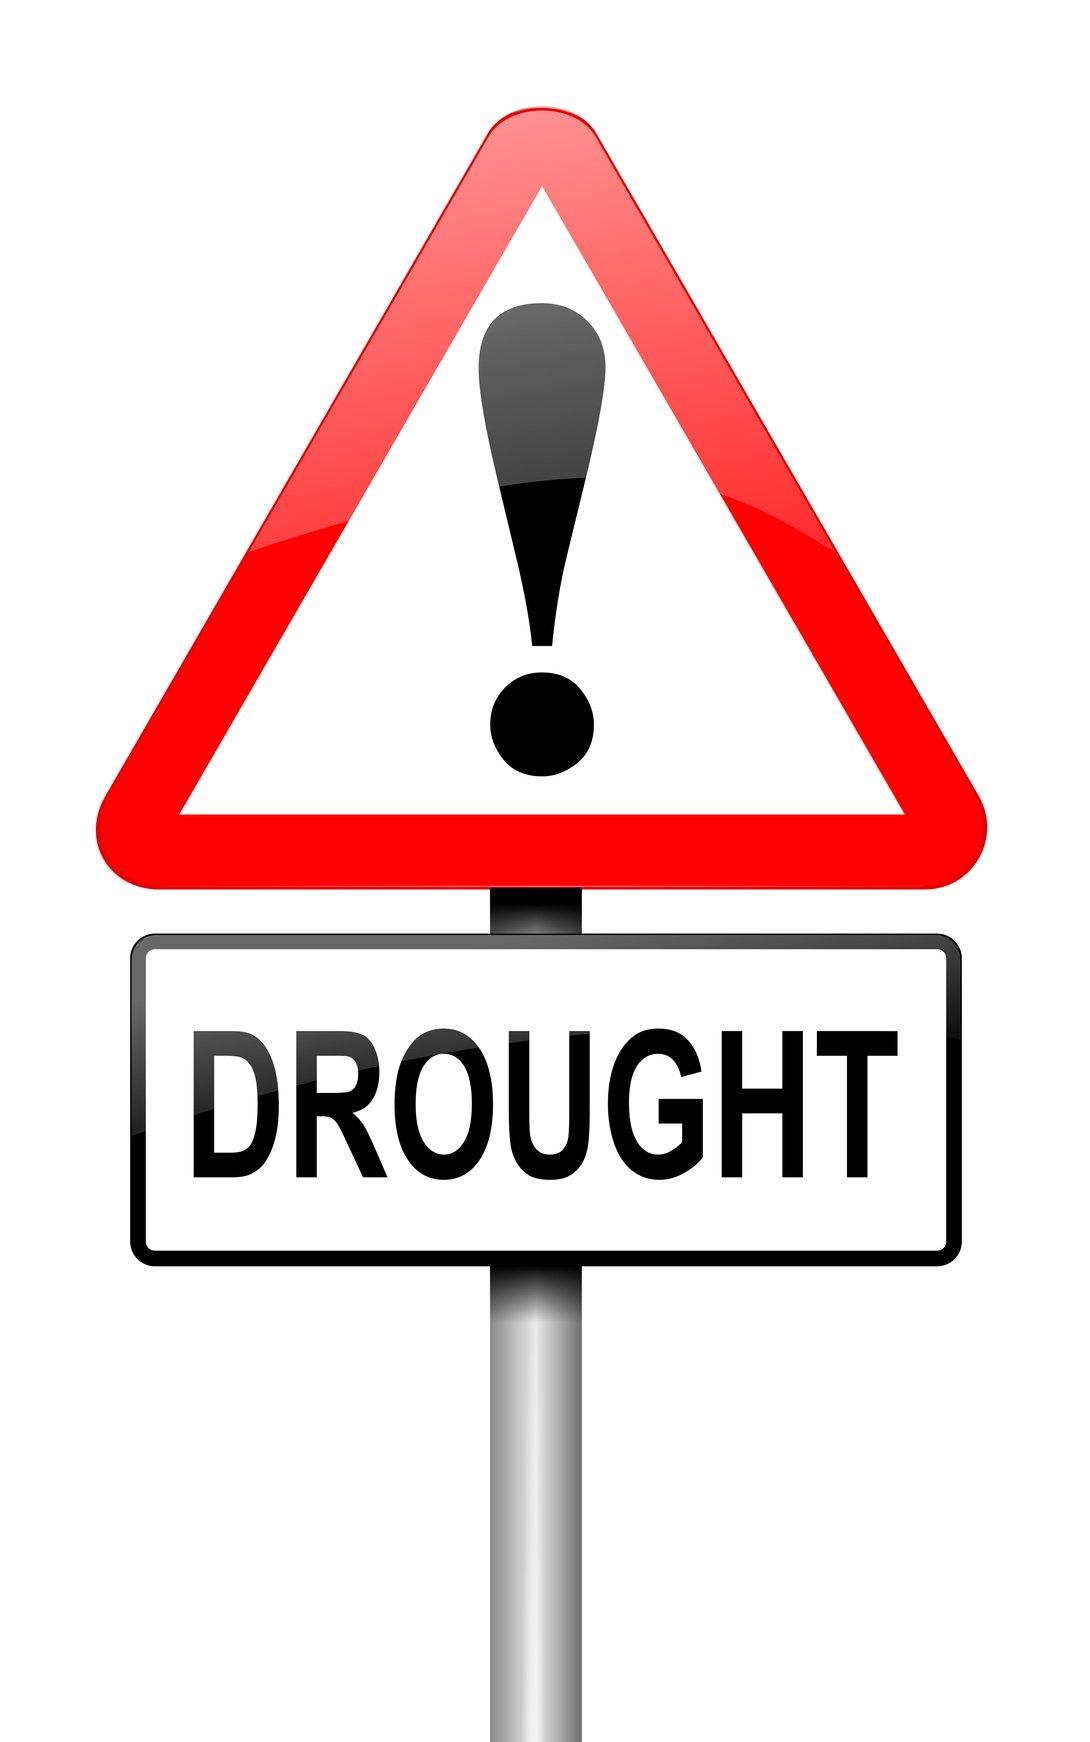 Drought concept.